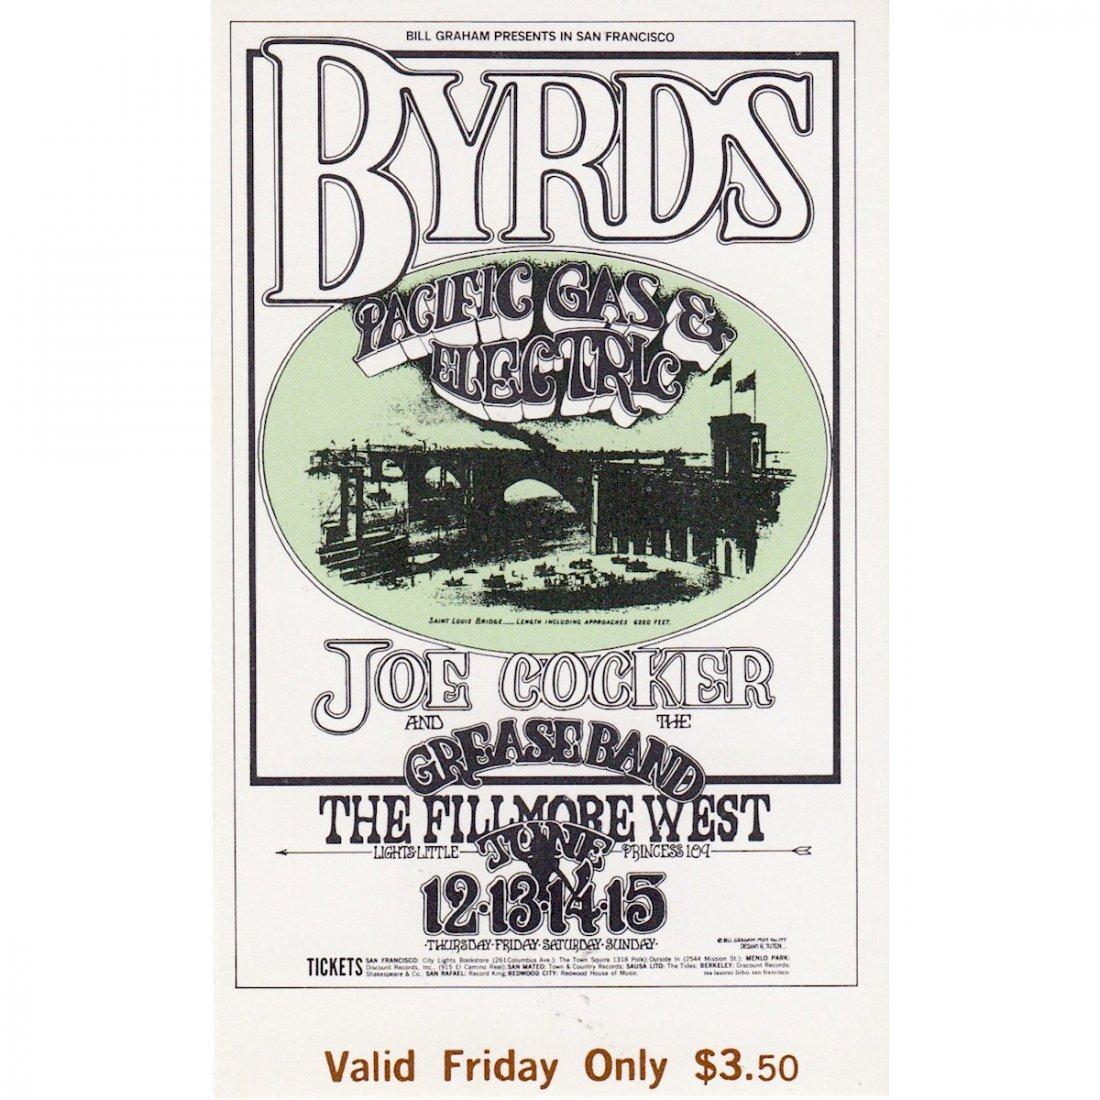 The Byrds - Fillmore - 1969 Vintage Concert Ticket